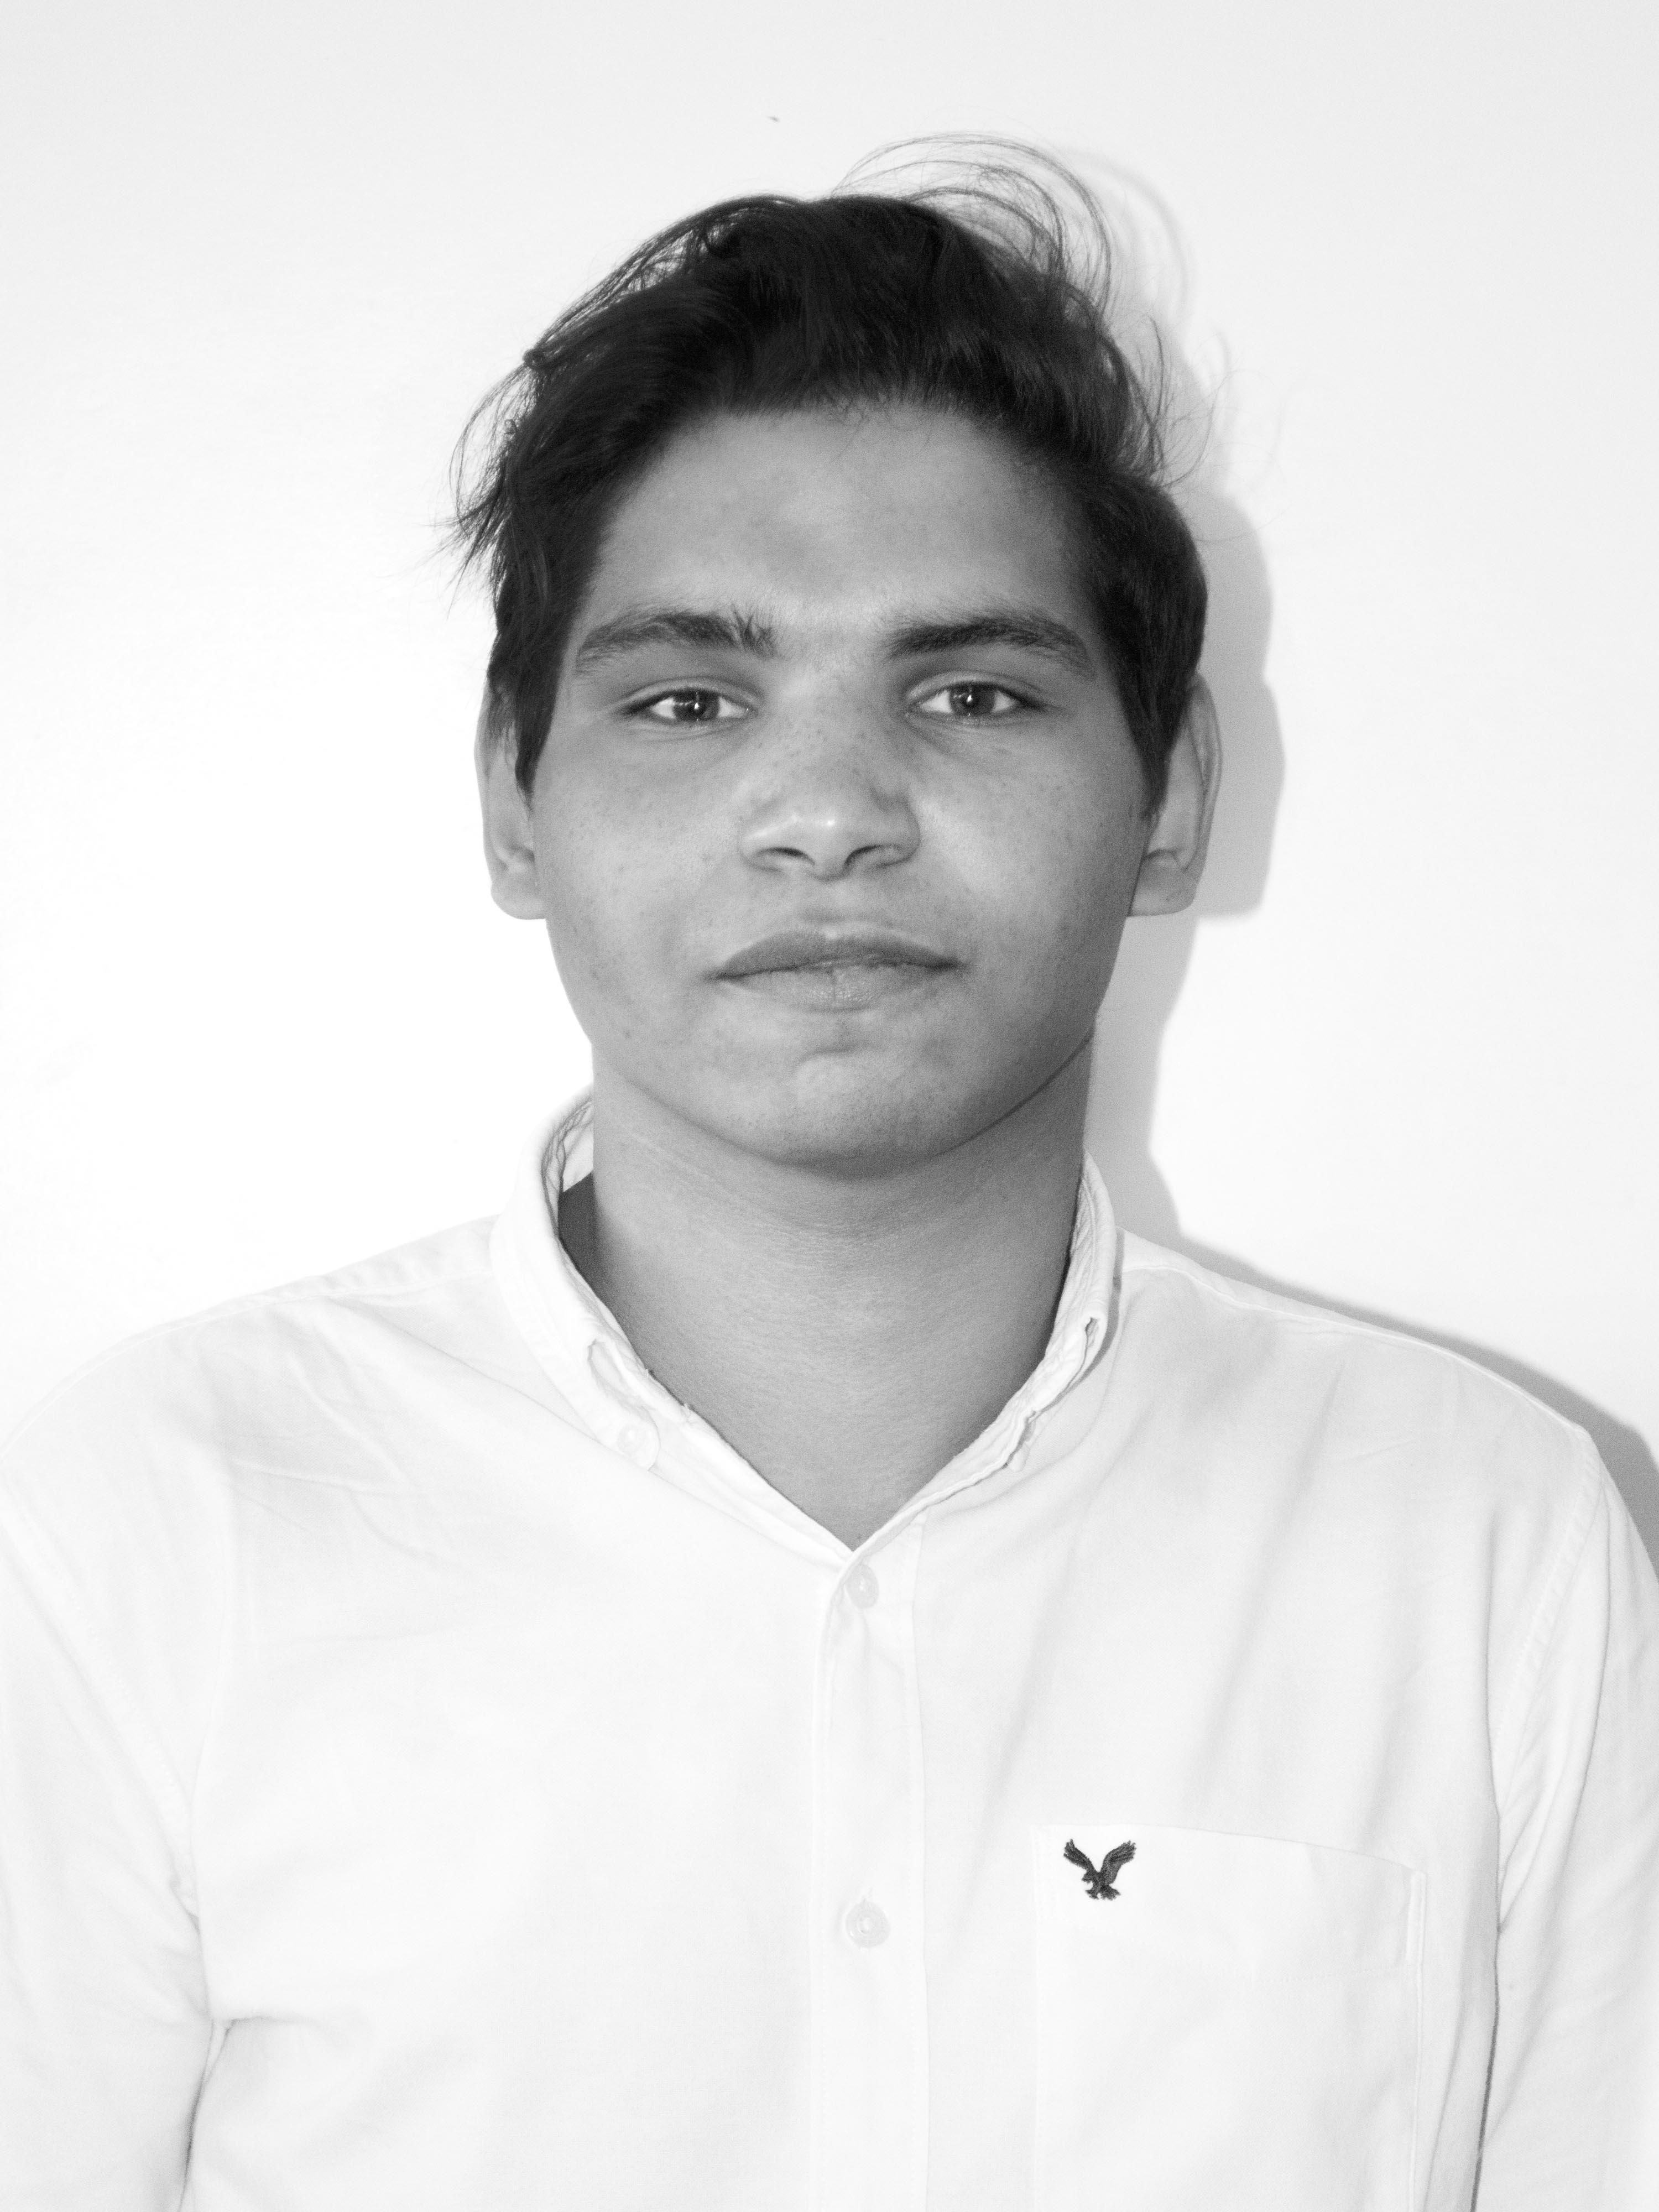 Abdelrahman Allam